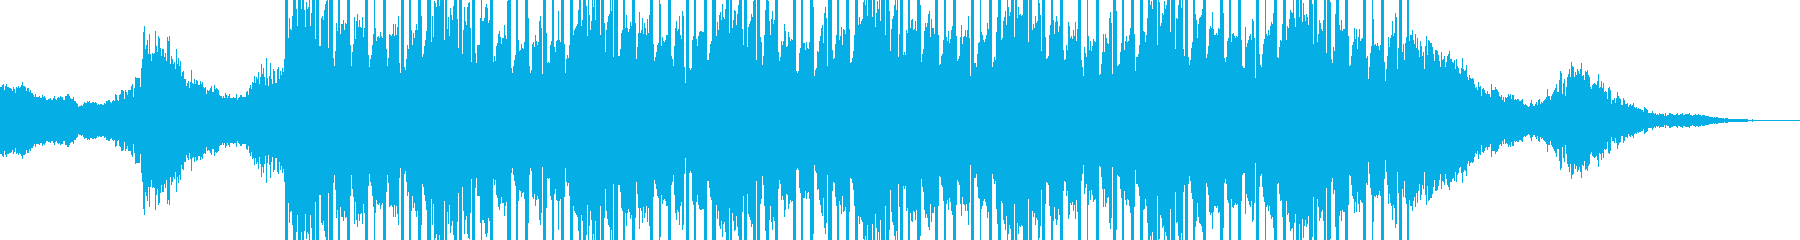 アンビエント ゆっくり 魅惑 電気...の再生済みの波形